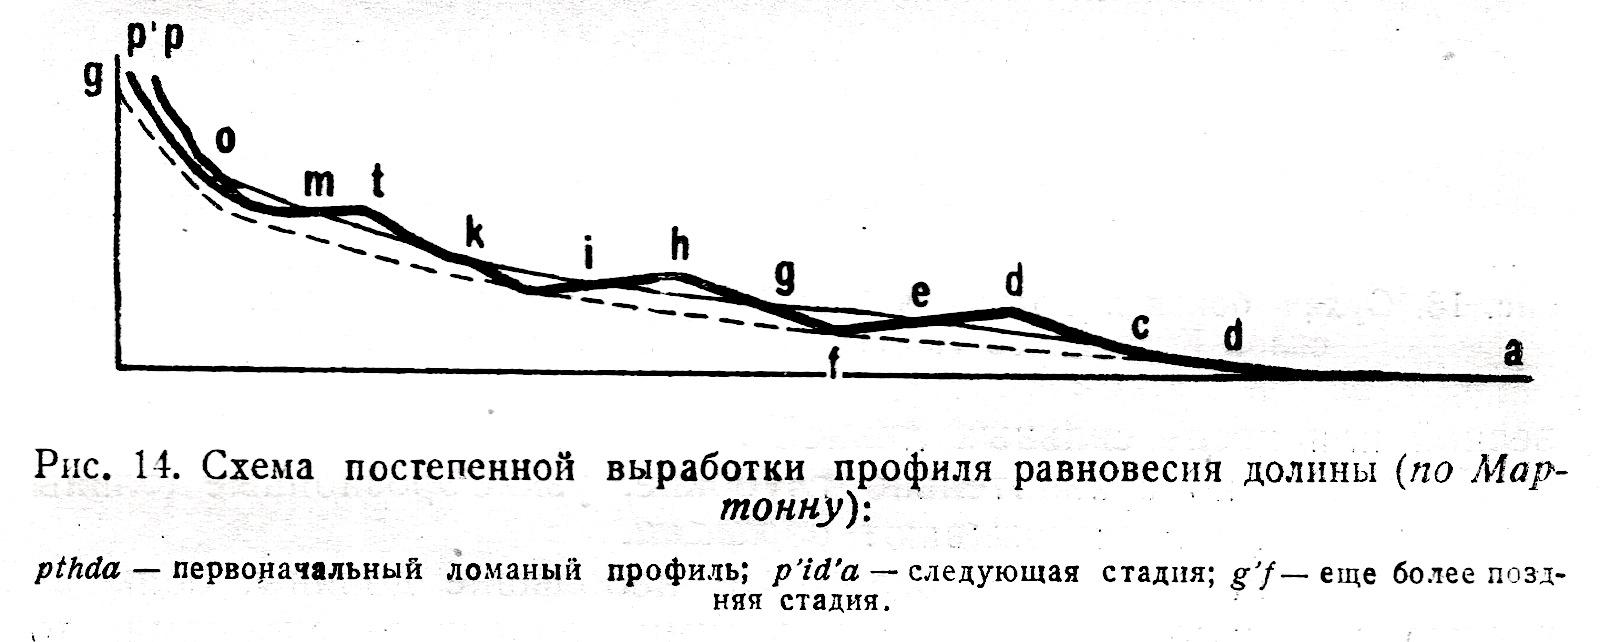 Схема выработки профиля равновесия долины.